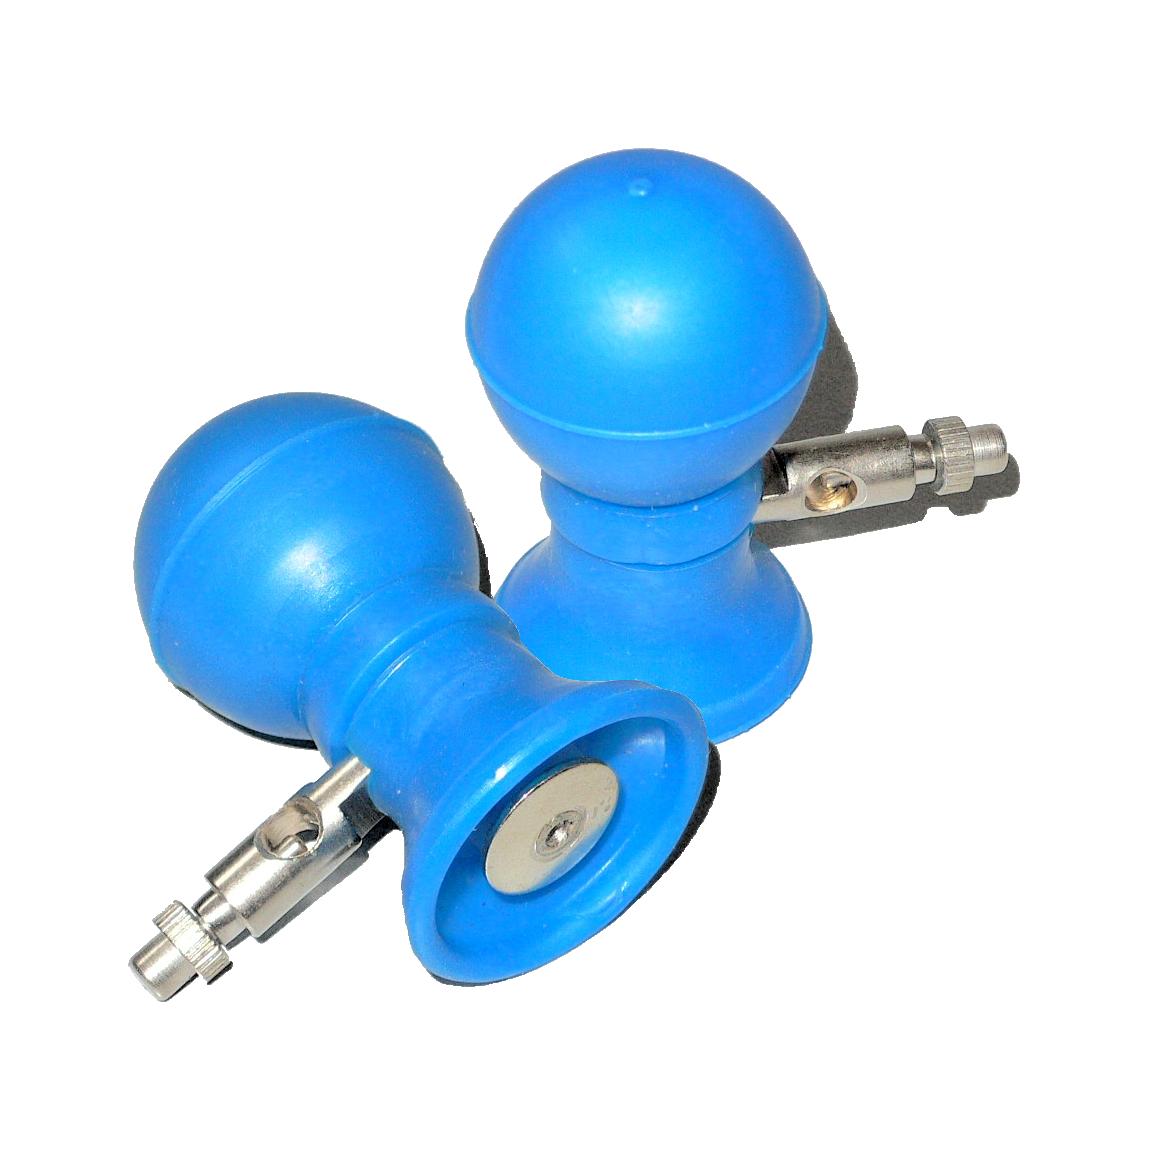 Грудной многоразовый электрод ЭКГ, взрослый с плоским токосъемником (550 руб/шт)